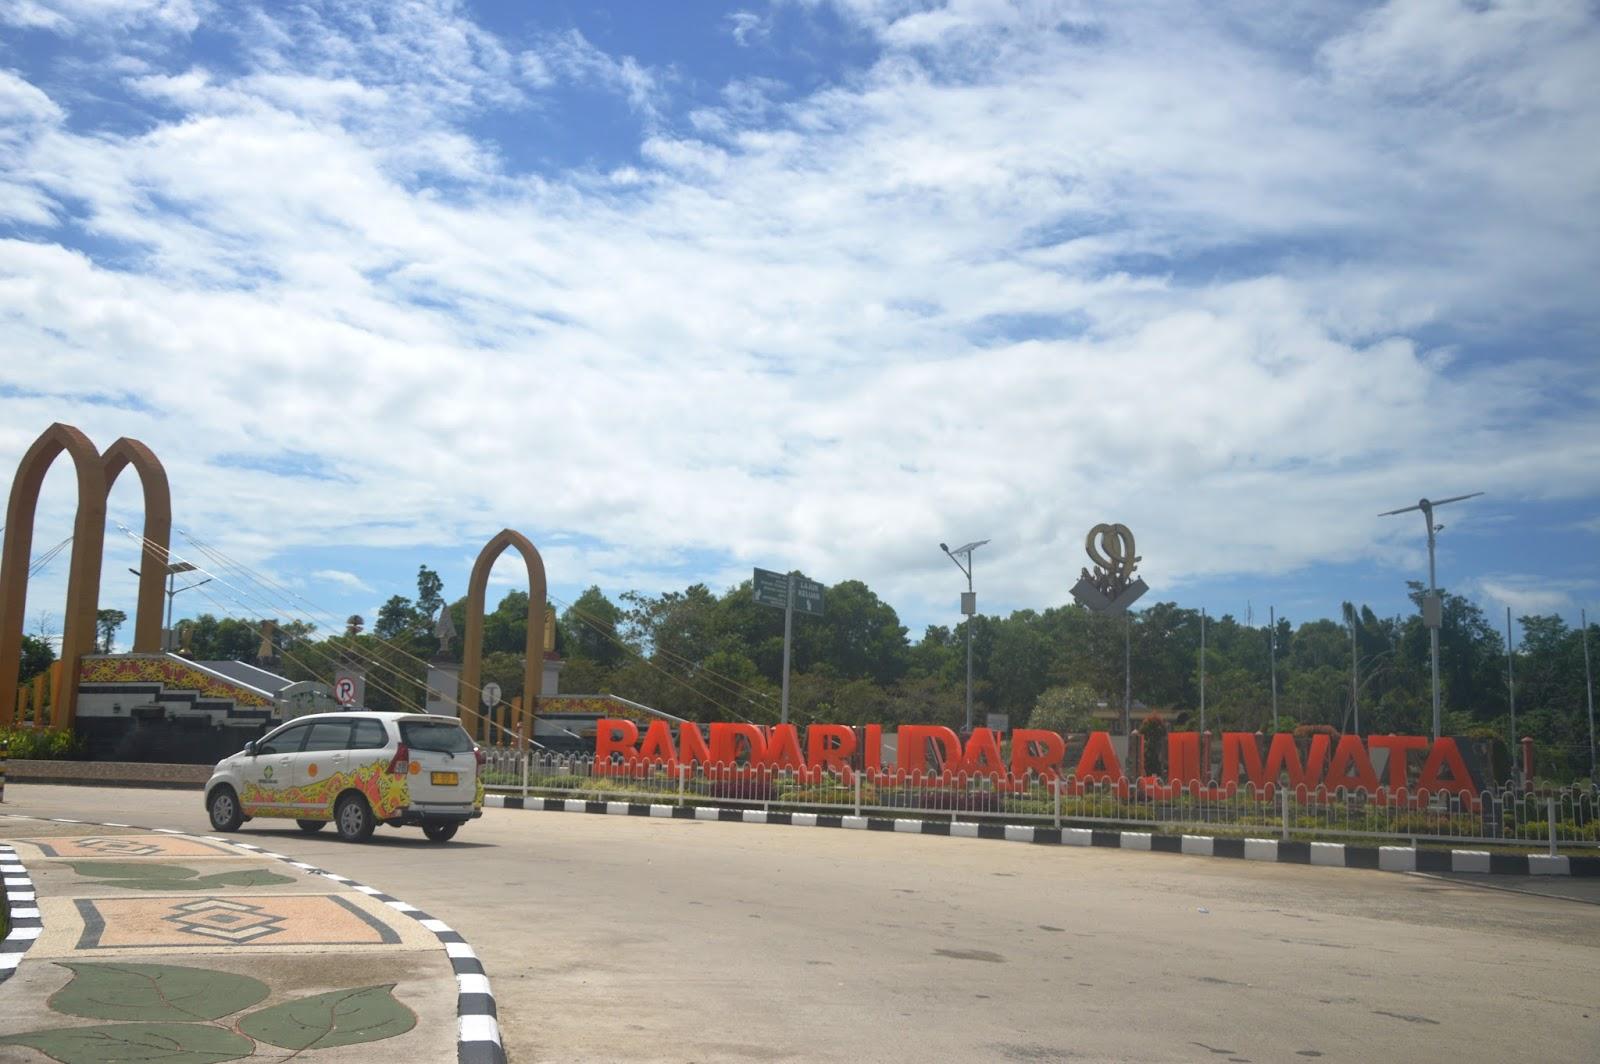 bandara udara internasional juwata kota tarakan provinsi kalimantan utara yang pengelolaannya berada di bawah kementrian perhubungan republik indonesia